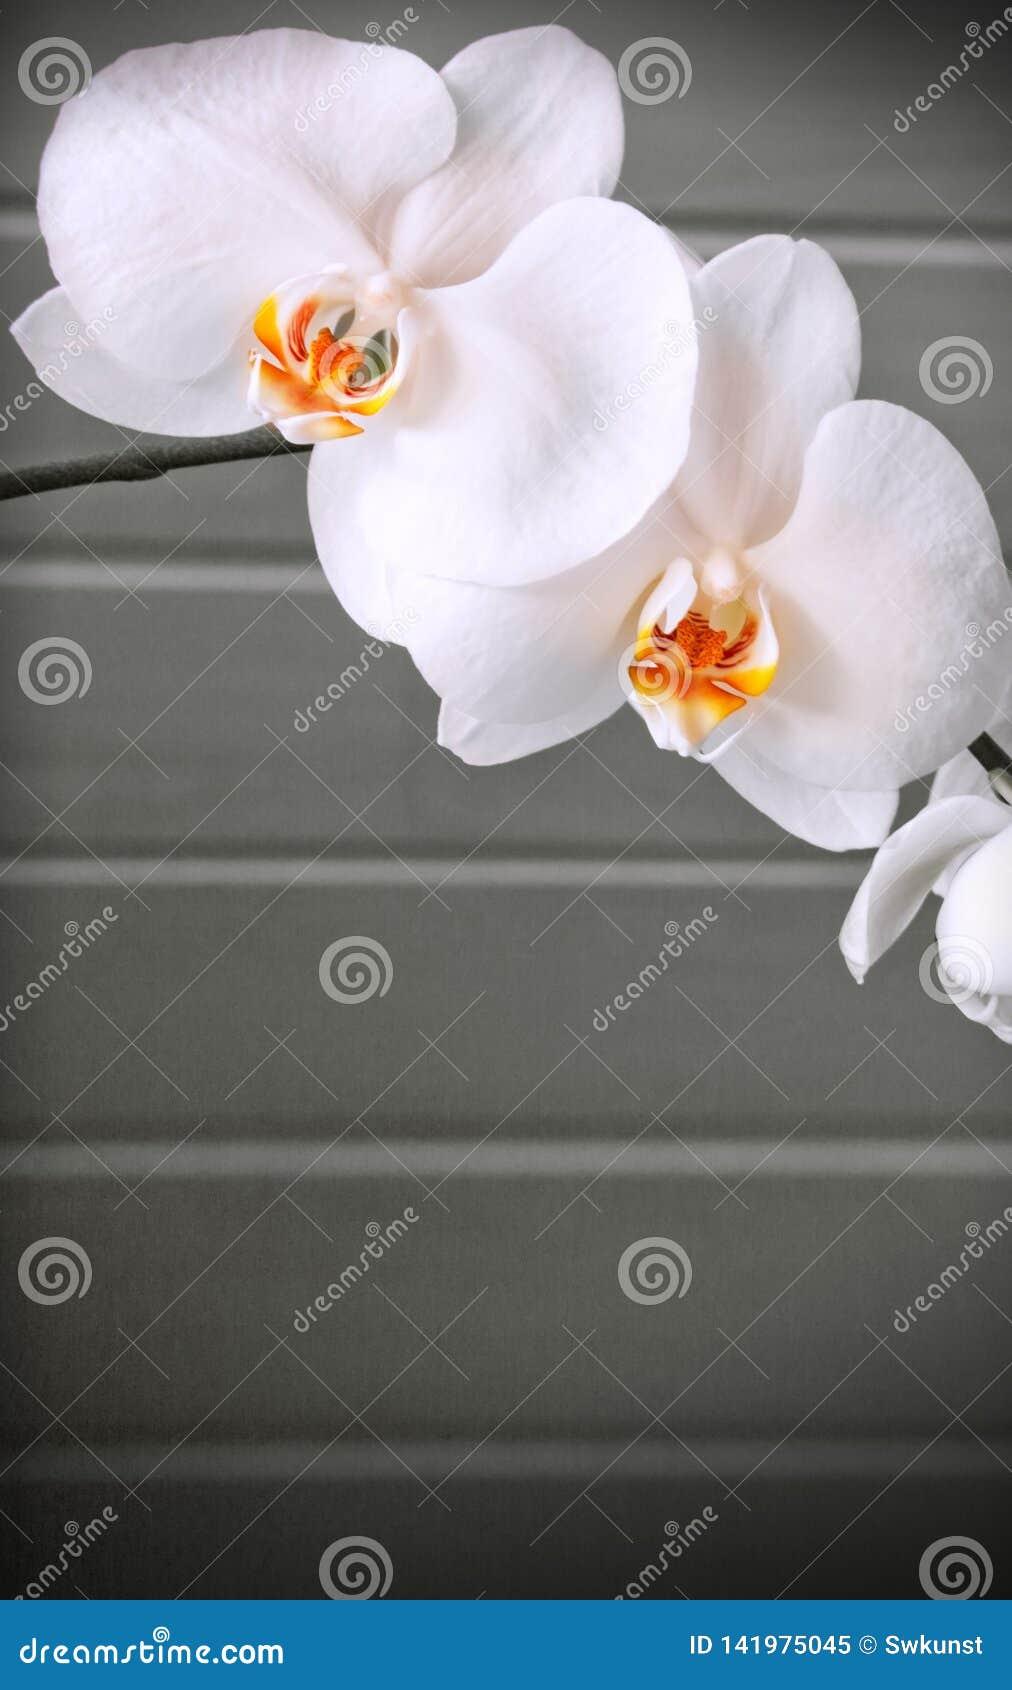 Fiori Bianchi Leggeri.Fiore Bianco Dell Orchidea Isolato Su Fondo Grigio Immagine Stock